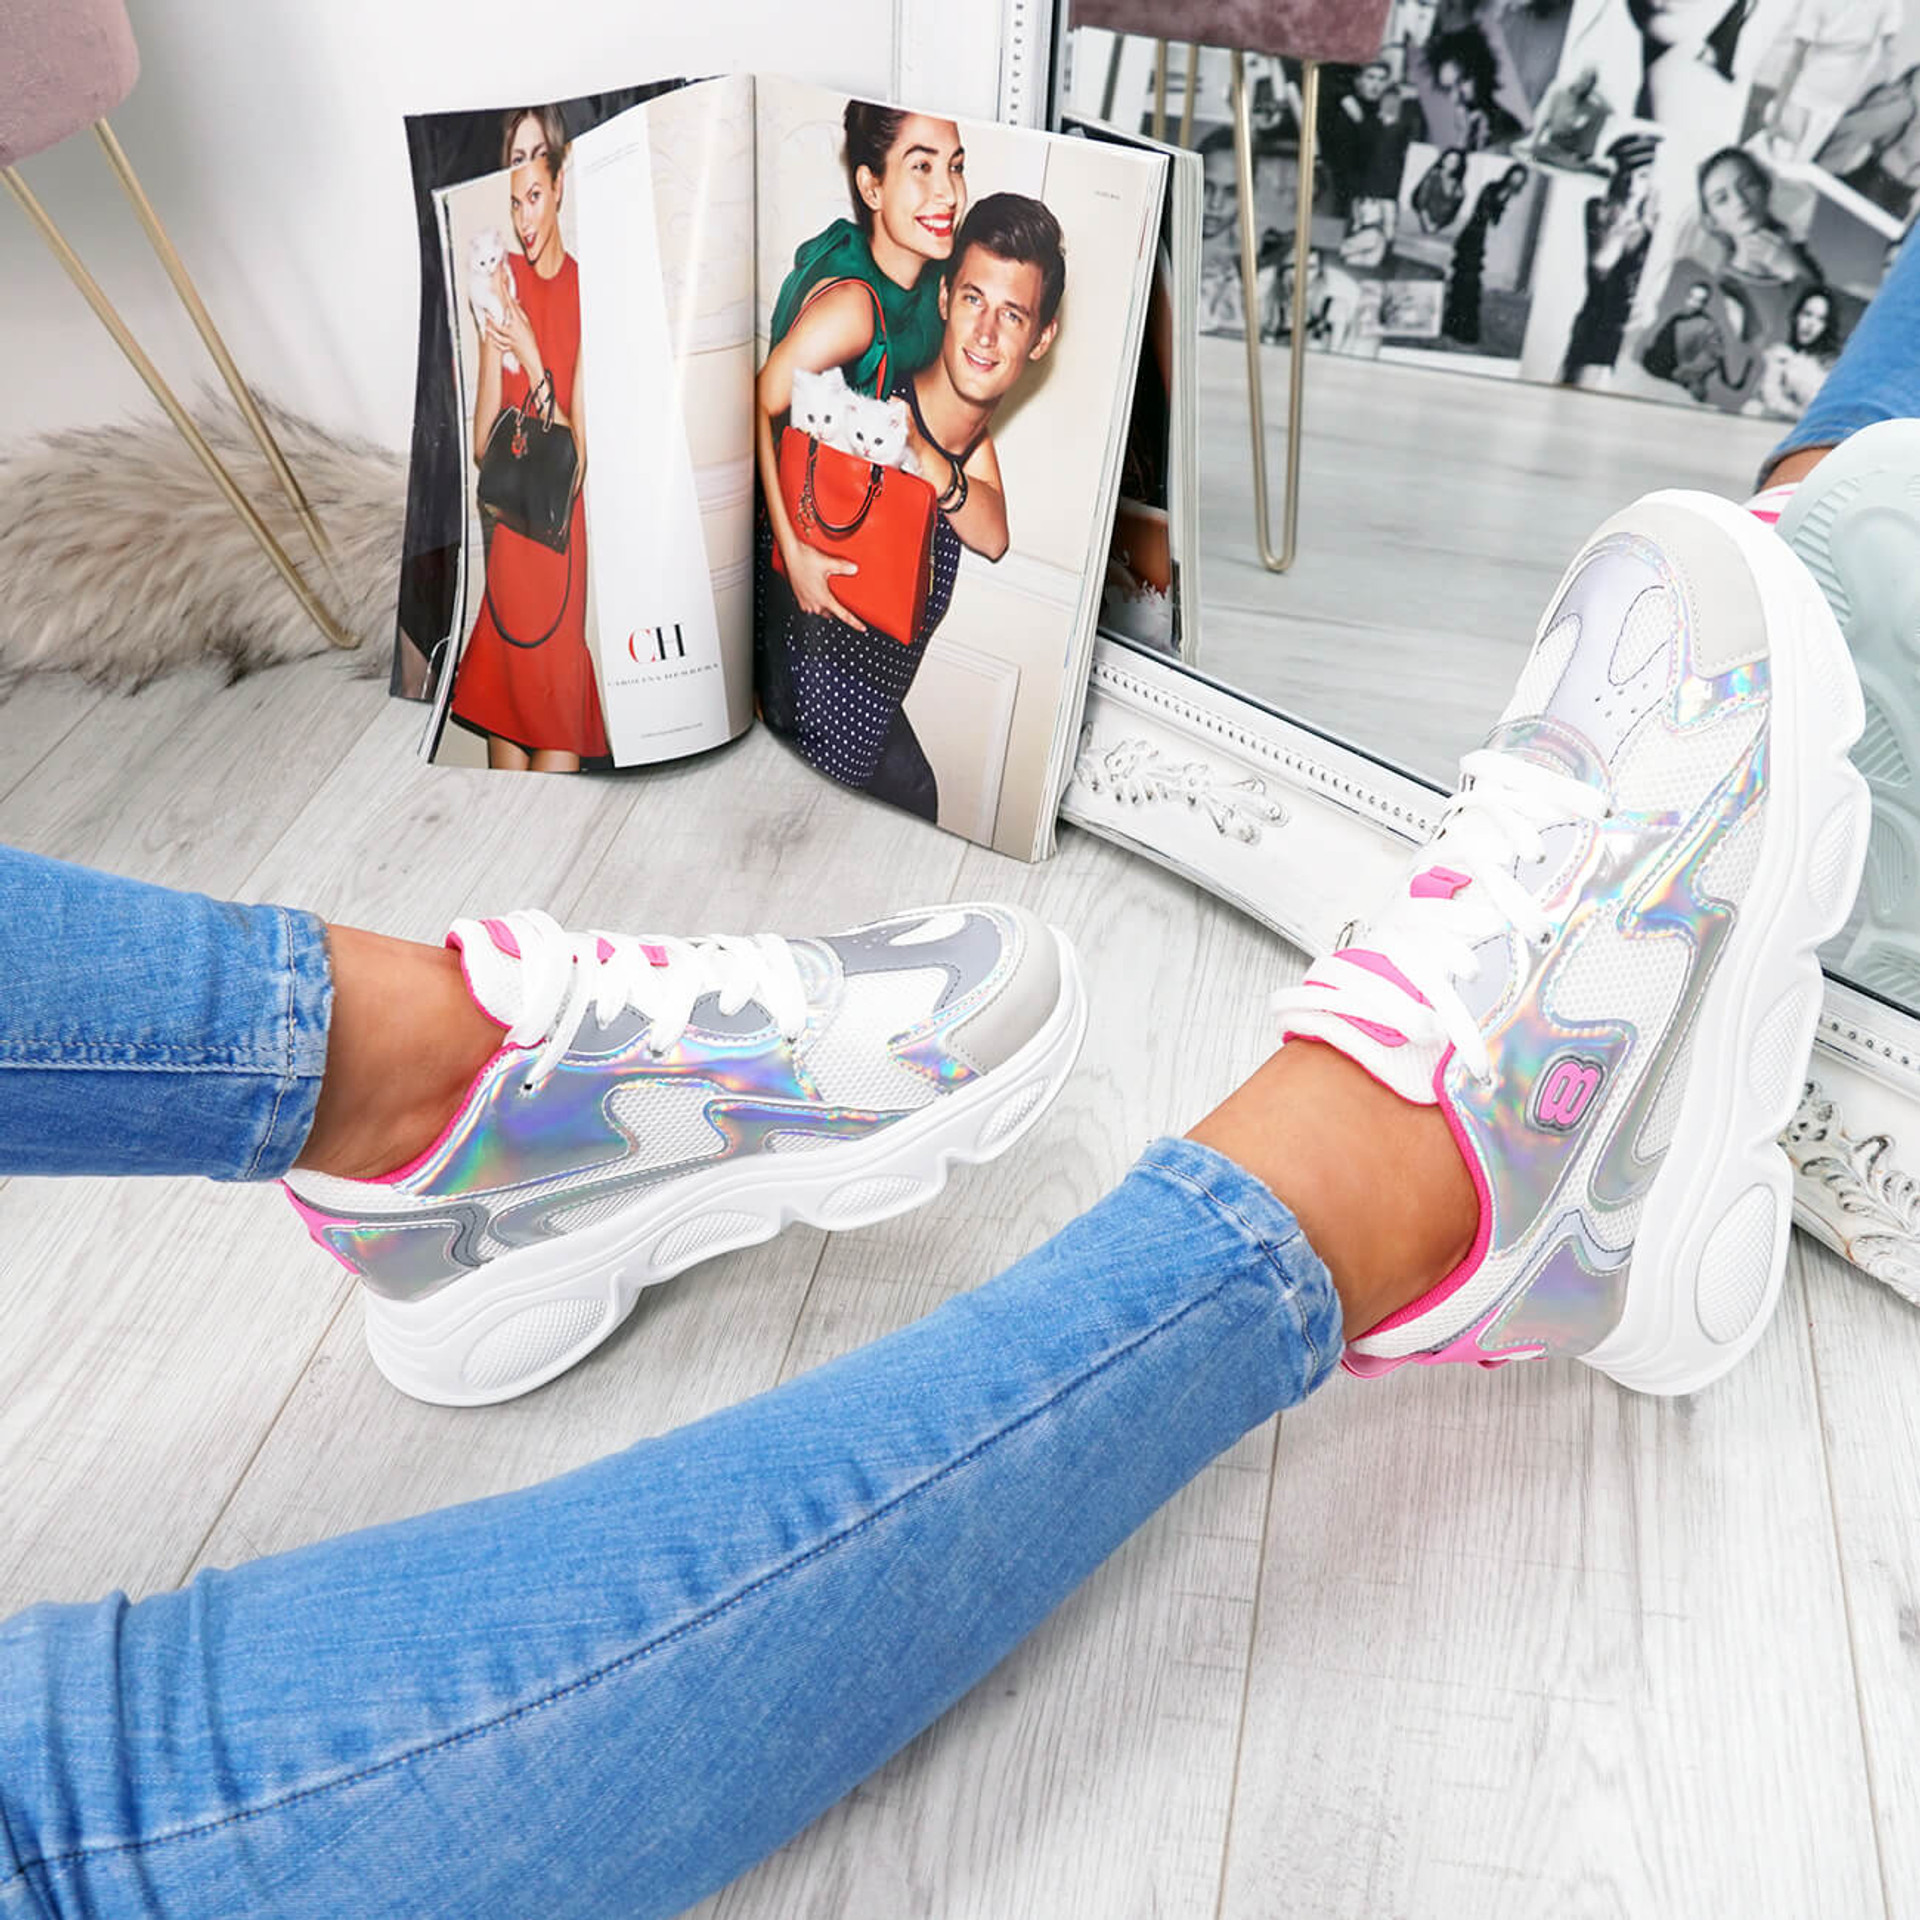 womens shiny rose orange lace-up trainers chunky sole size uk 3 4 5 6 7 8